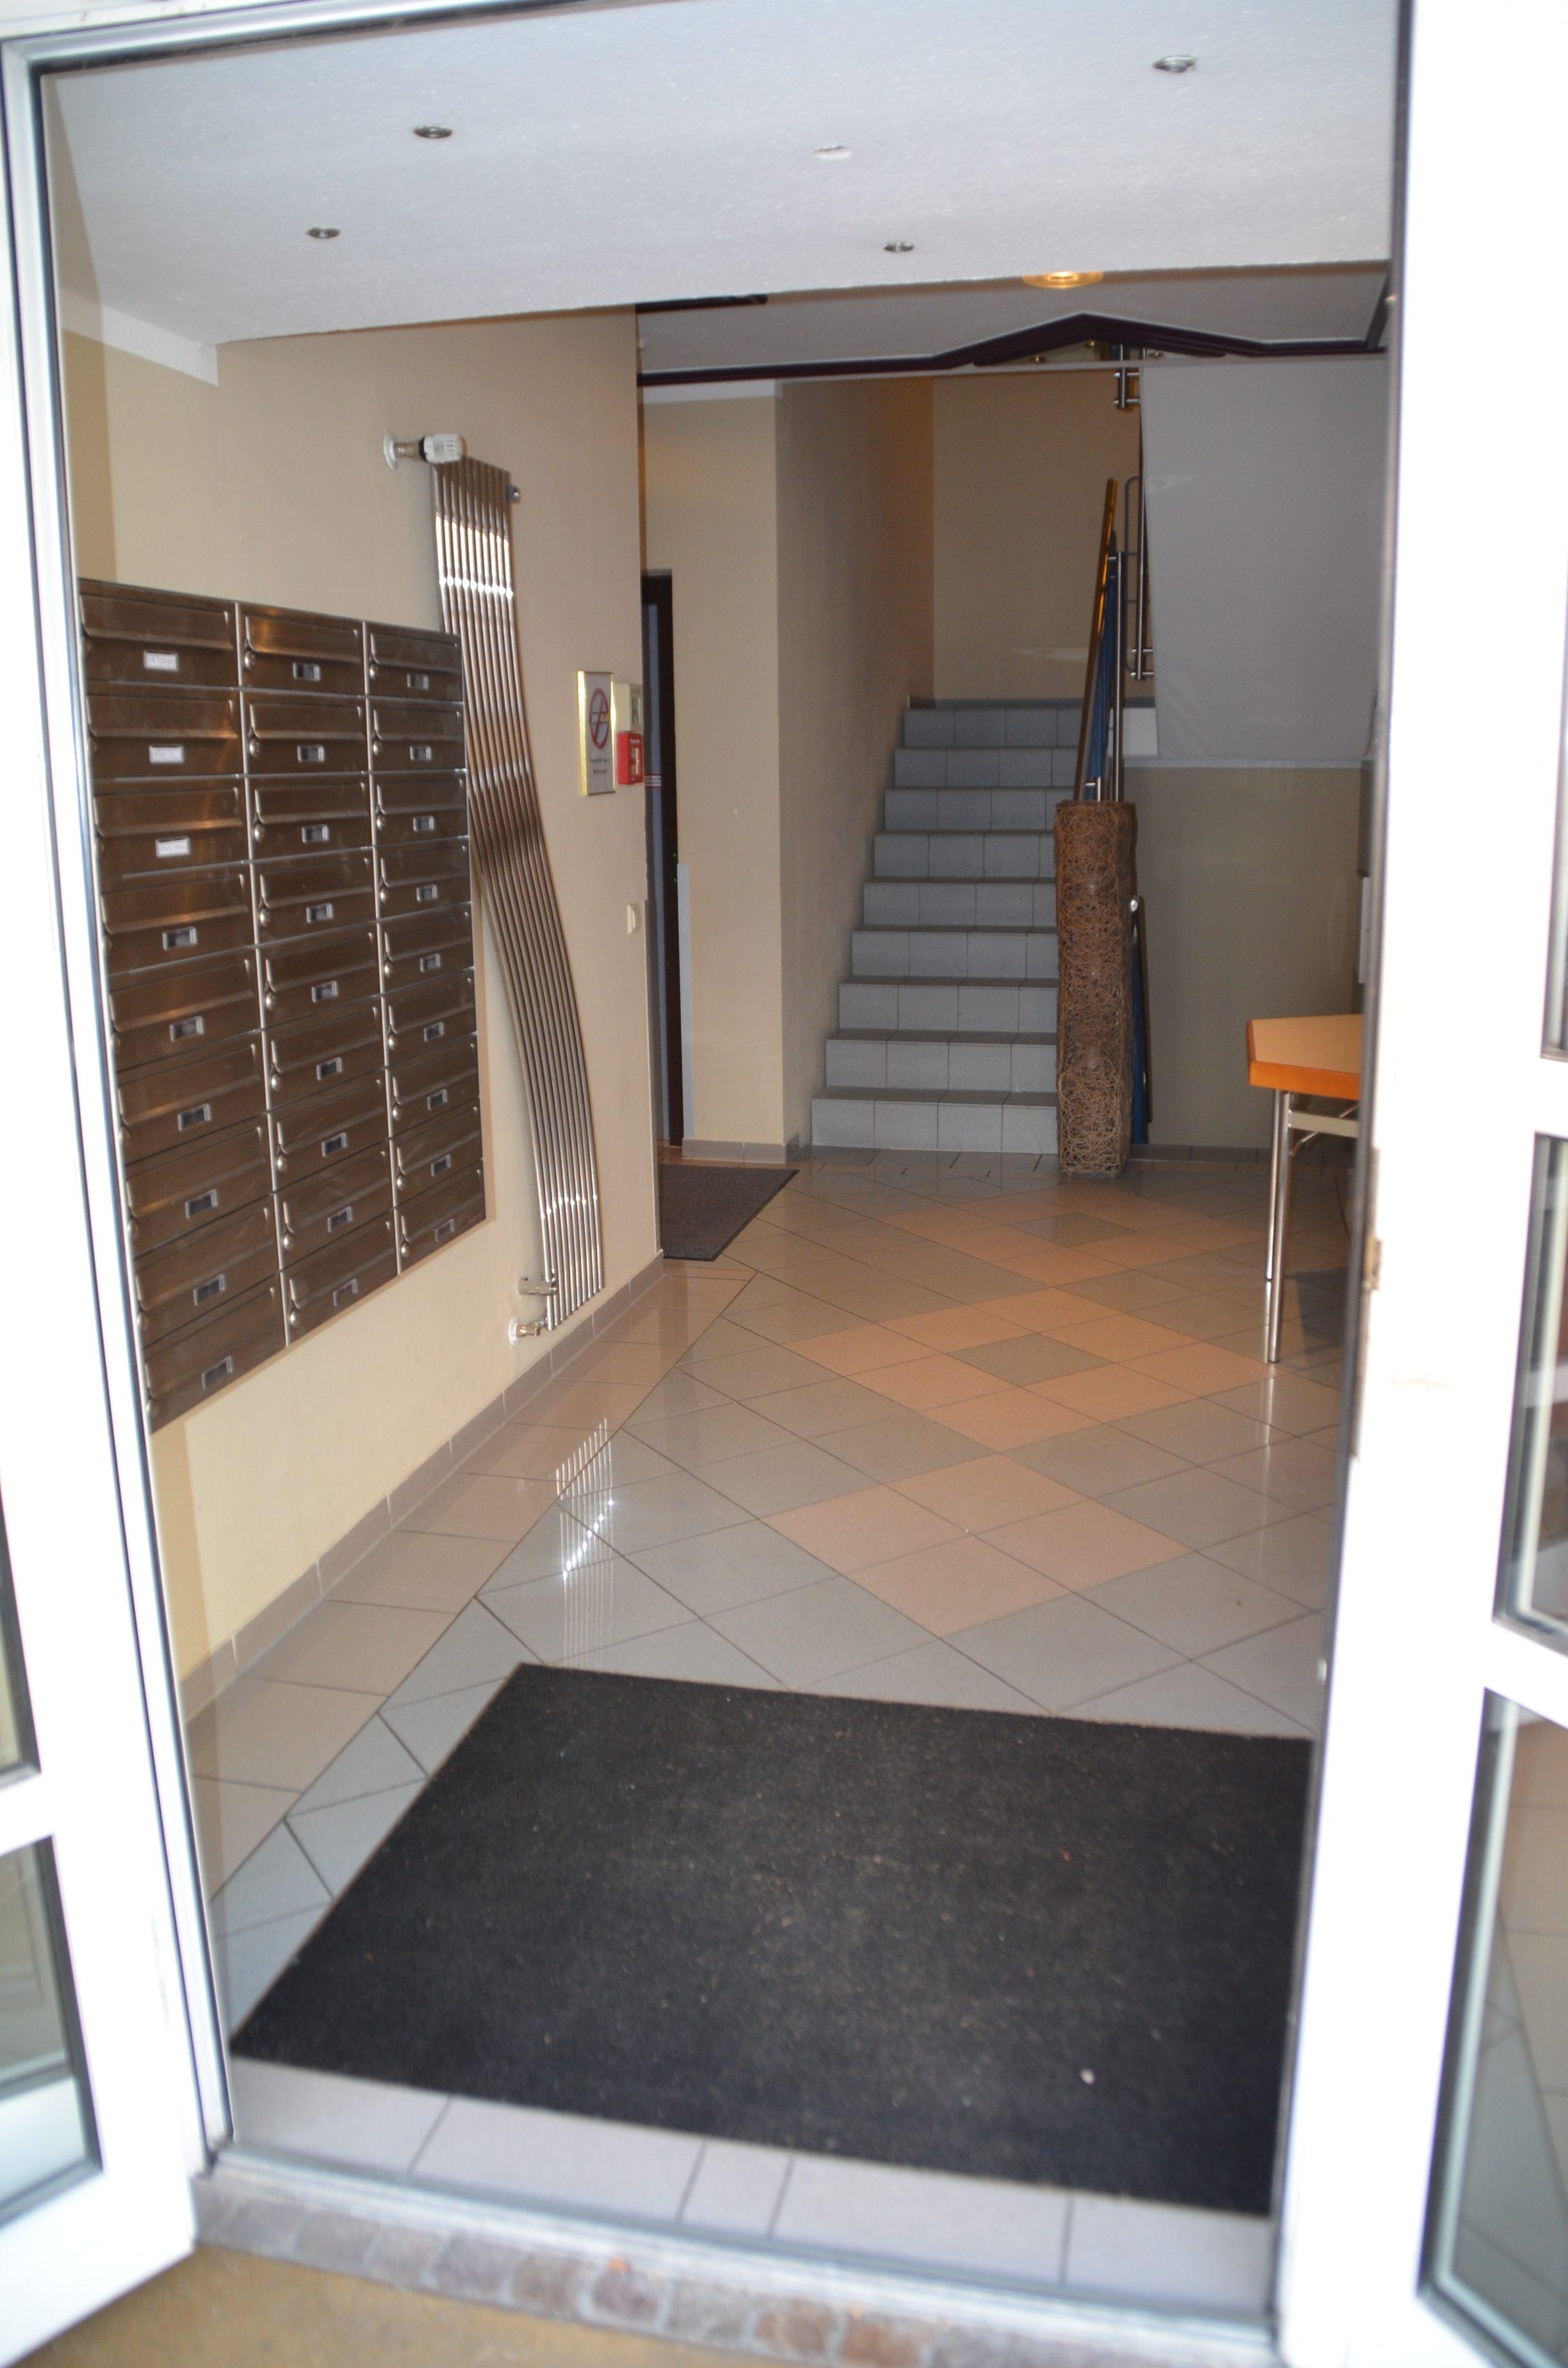 donaupark city wohnen tuttlingen immobilien stadtwohnungen eigentumswohnungen wohnen im. Black Bedroom Furniture Sets. Home Design Ideas